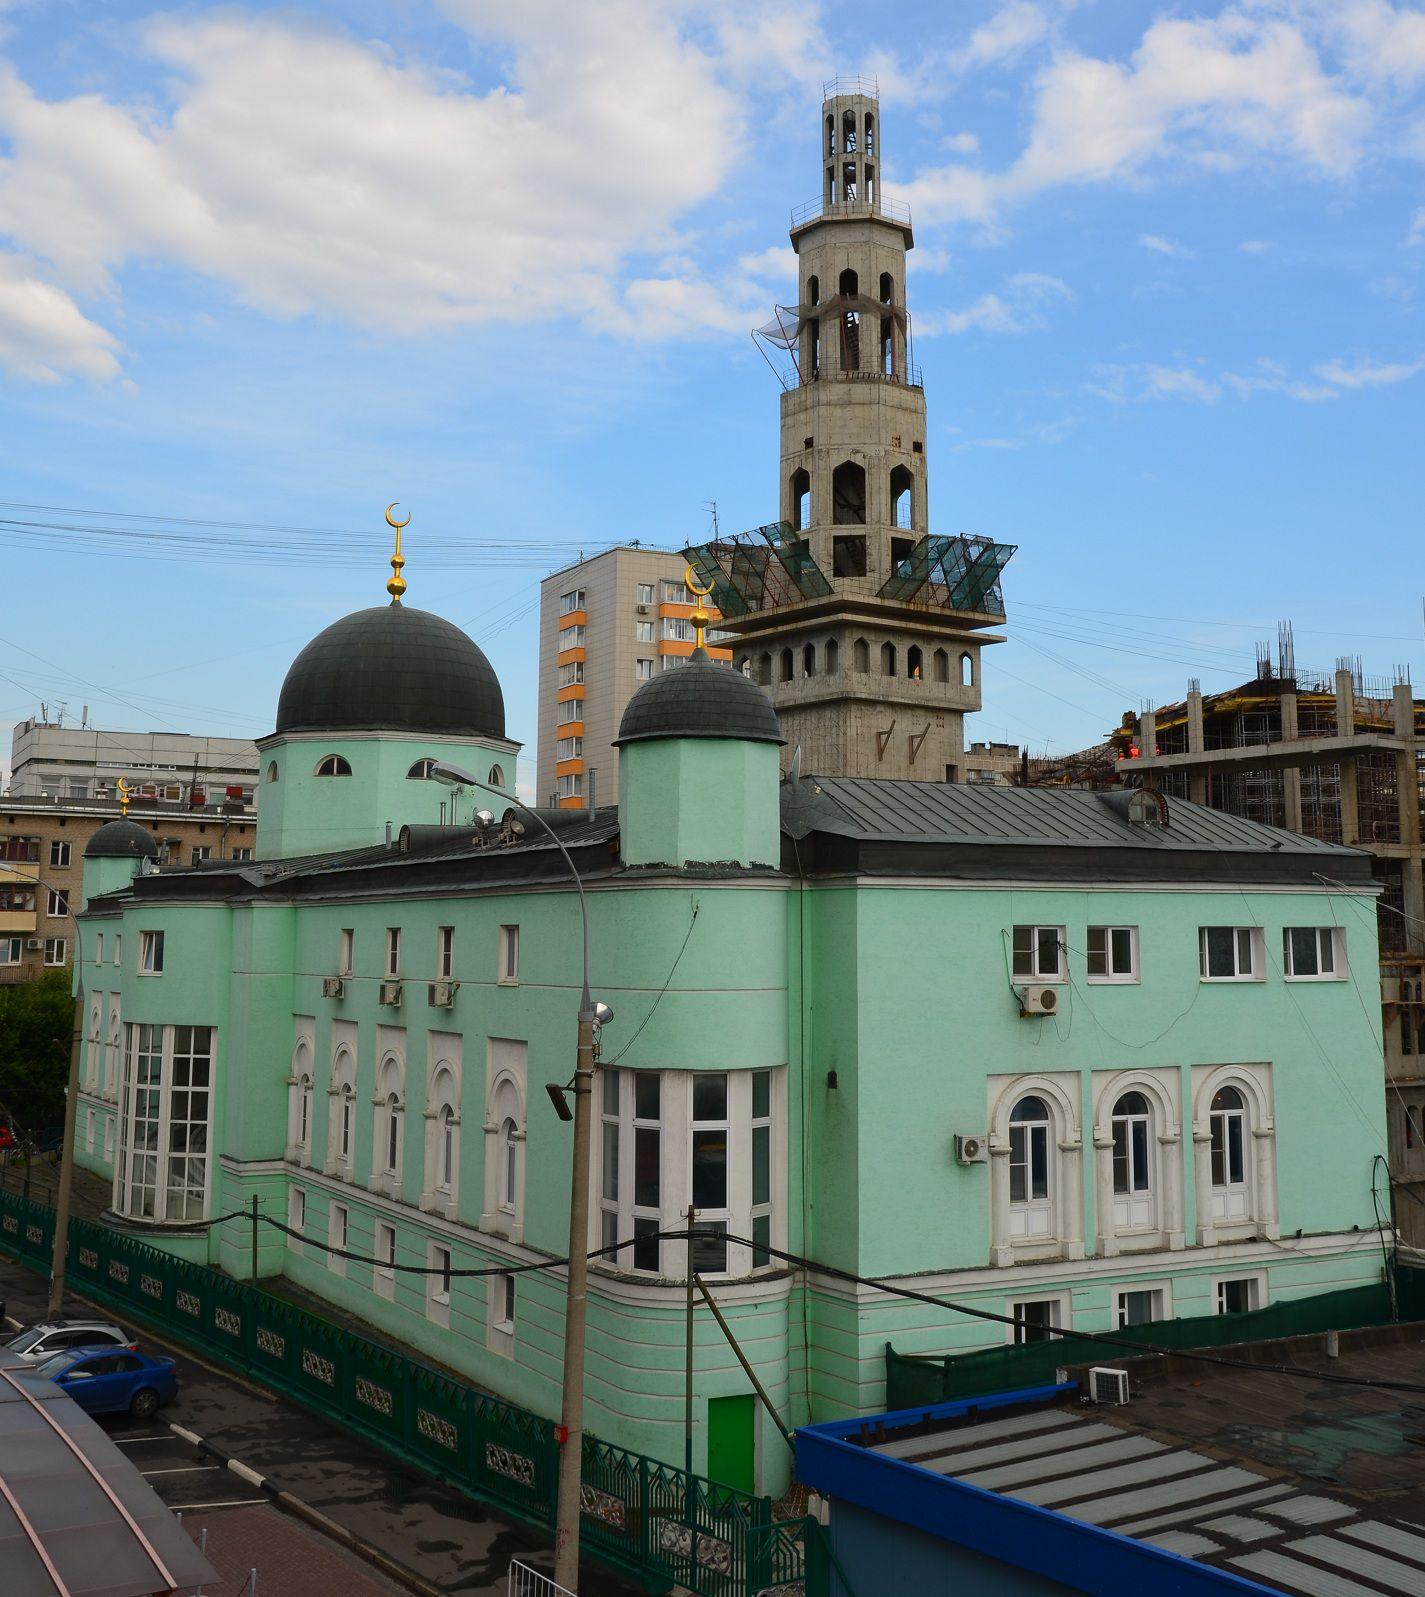 духовке мечети в москве адреса и фото анна